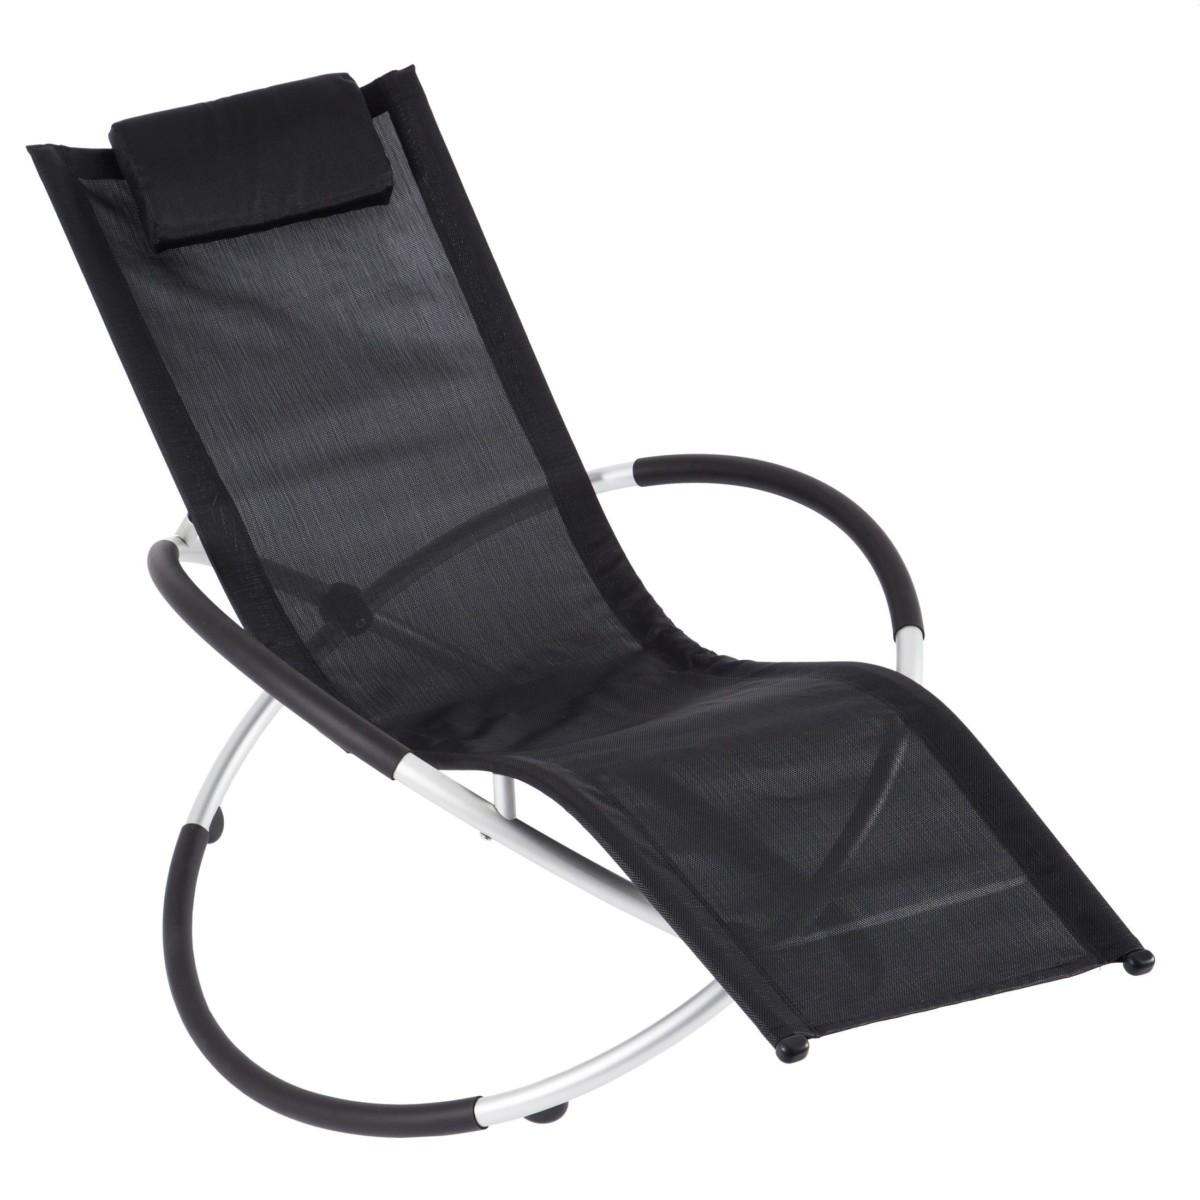 chaise longue de jardin en aluminium haiti votre nouveau petit coin de